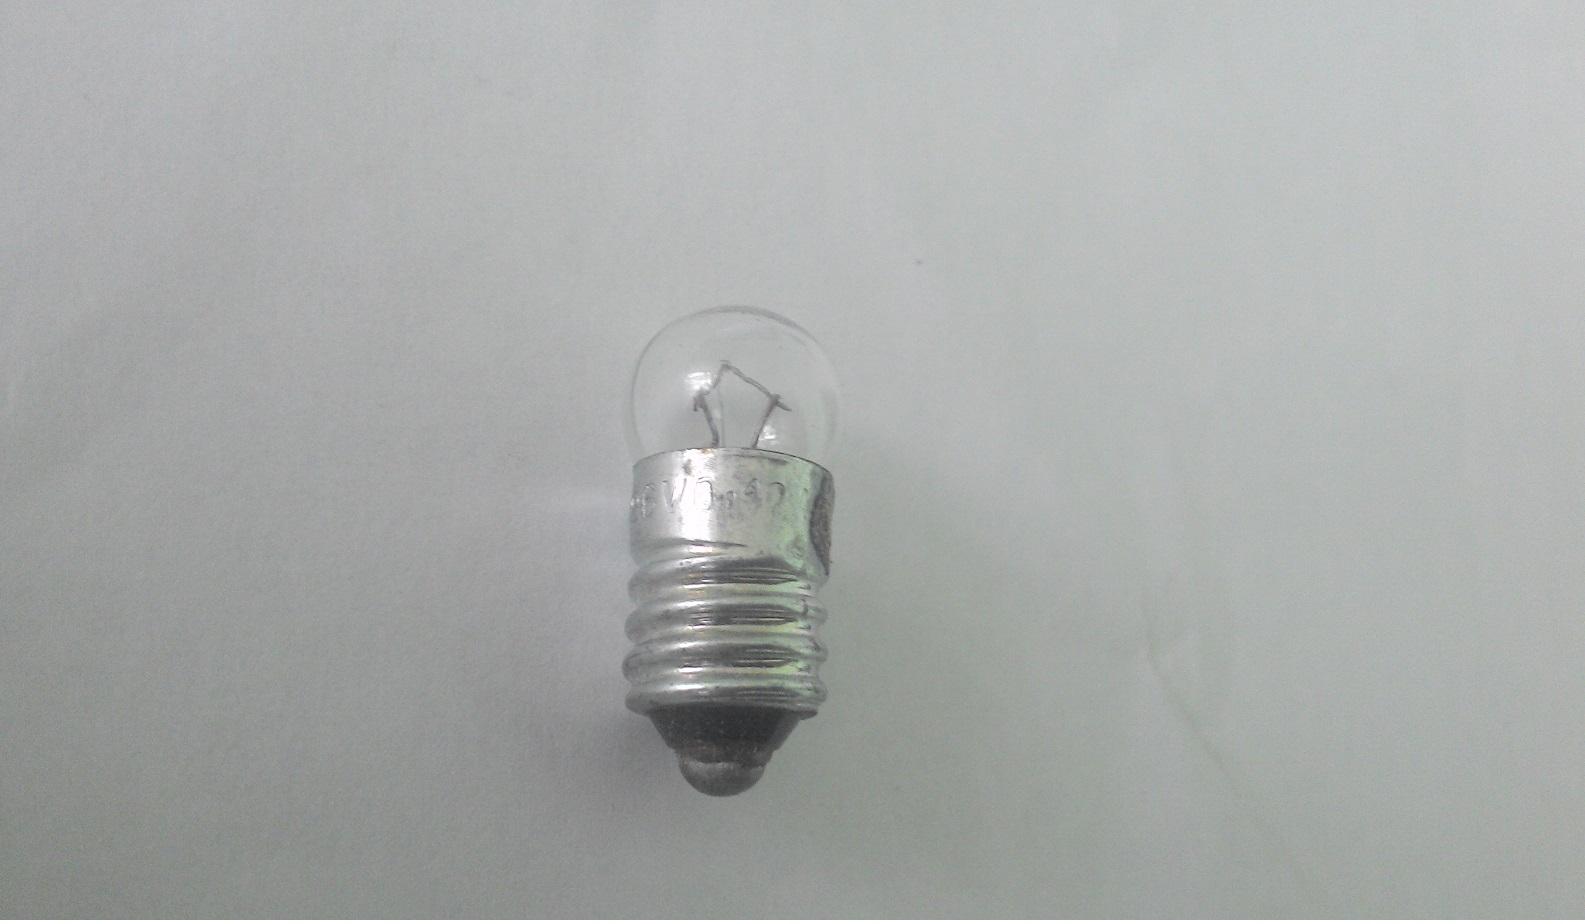 3апчасти и лампы